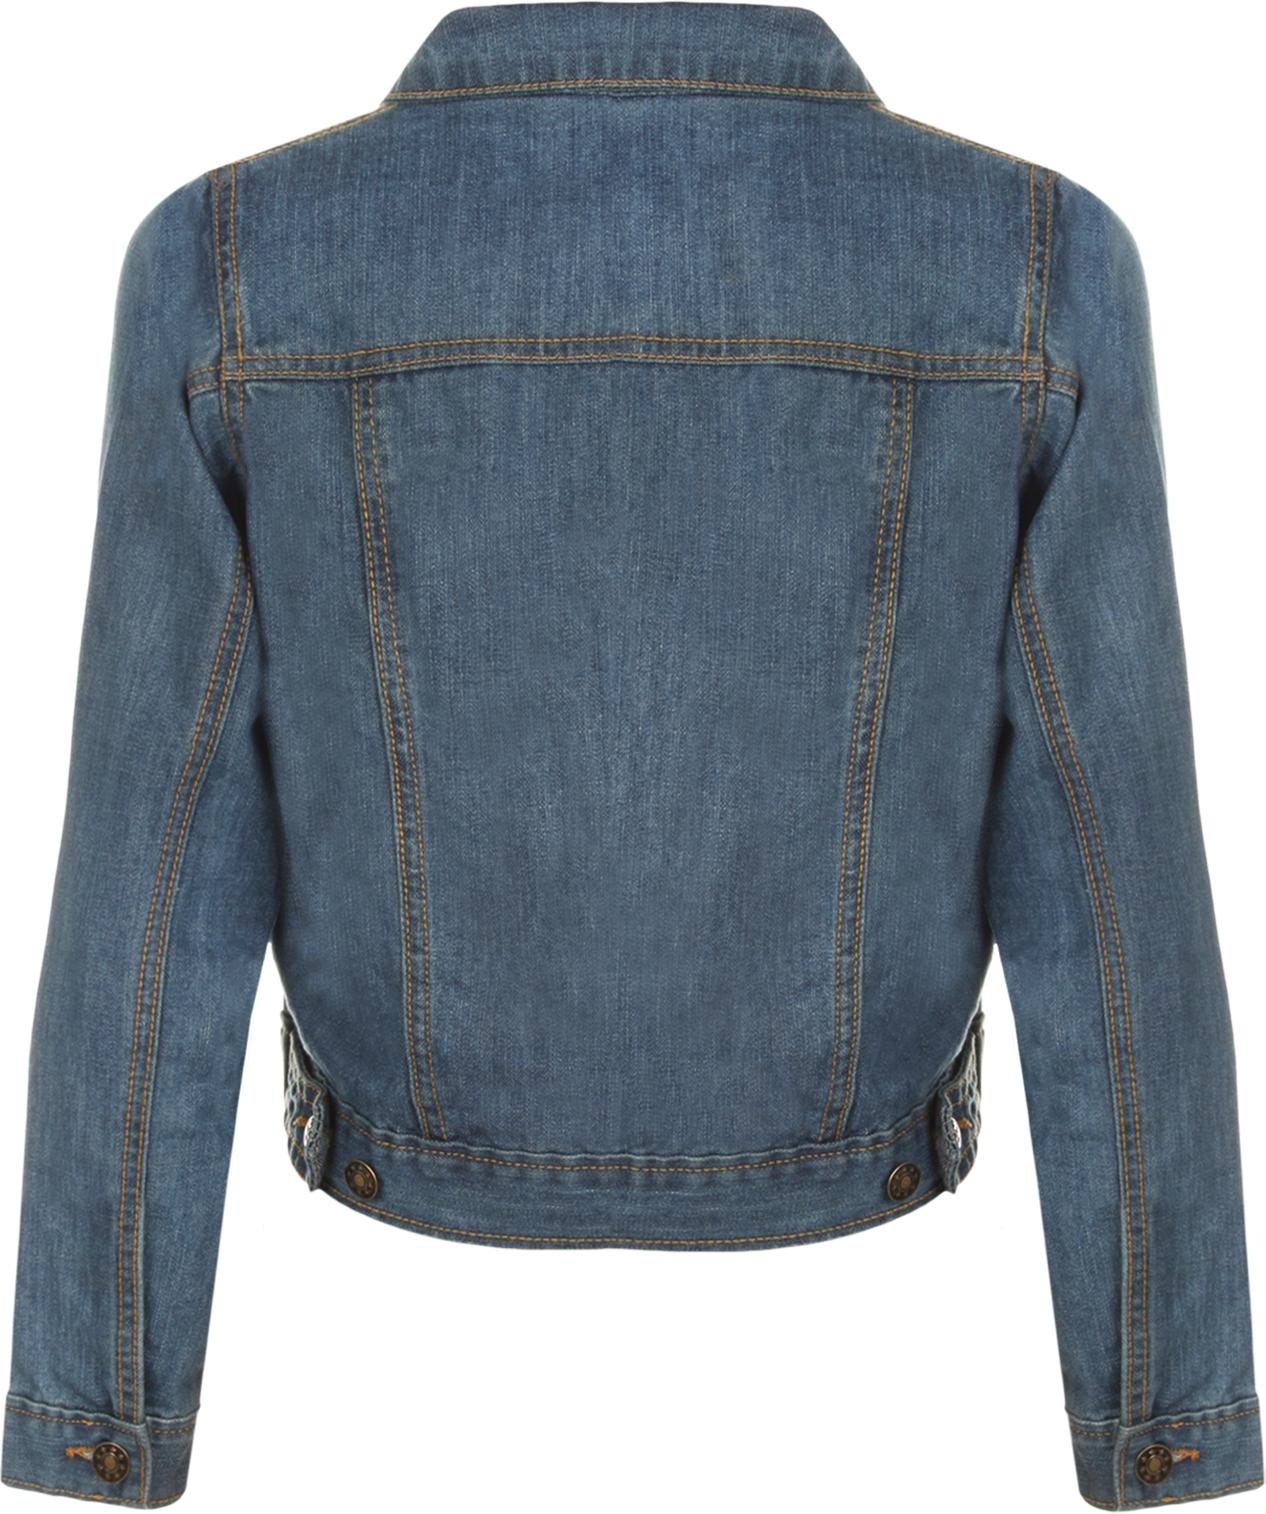 New Womens Crop Short Long Sleeve Denim Pocket Button Top ...